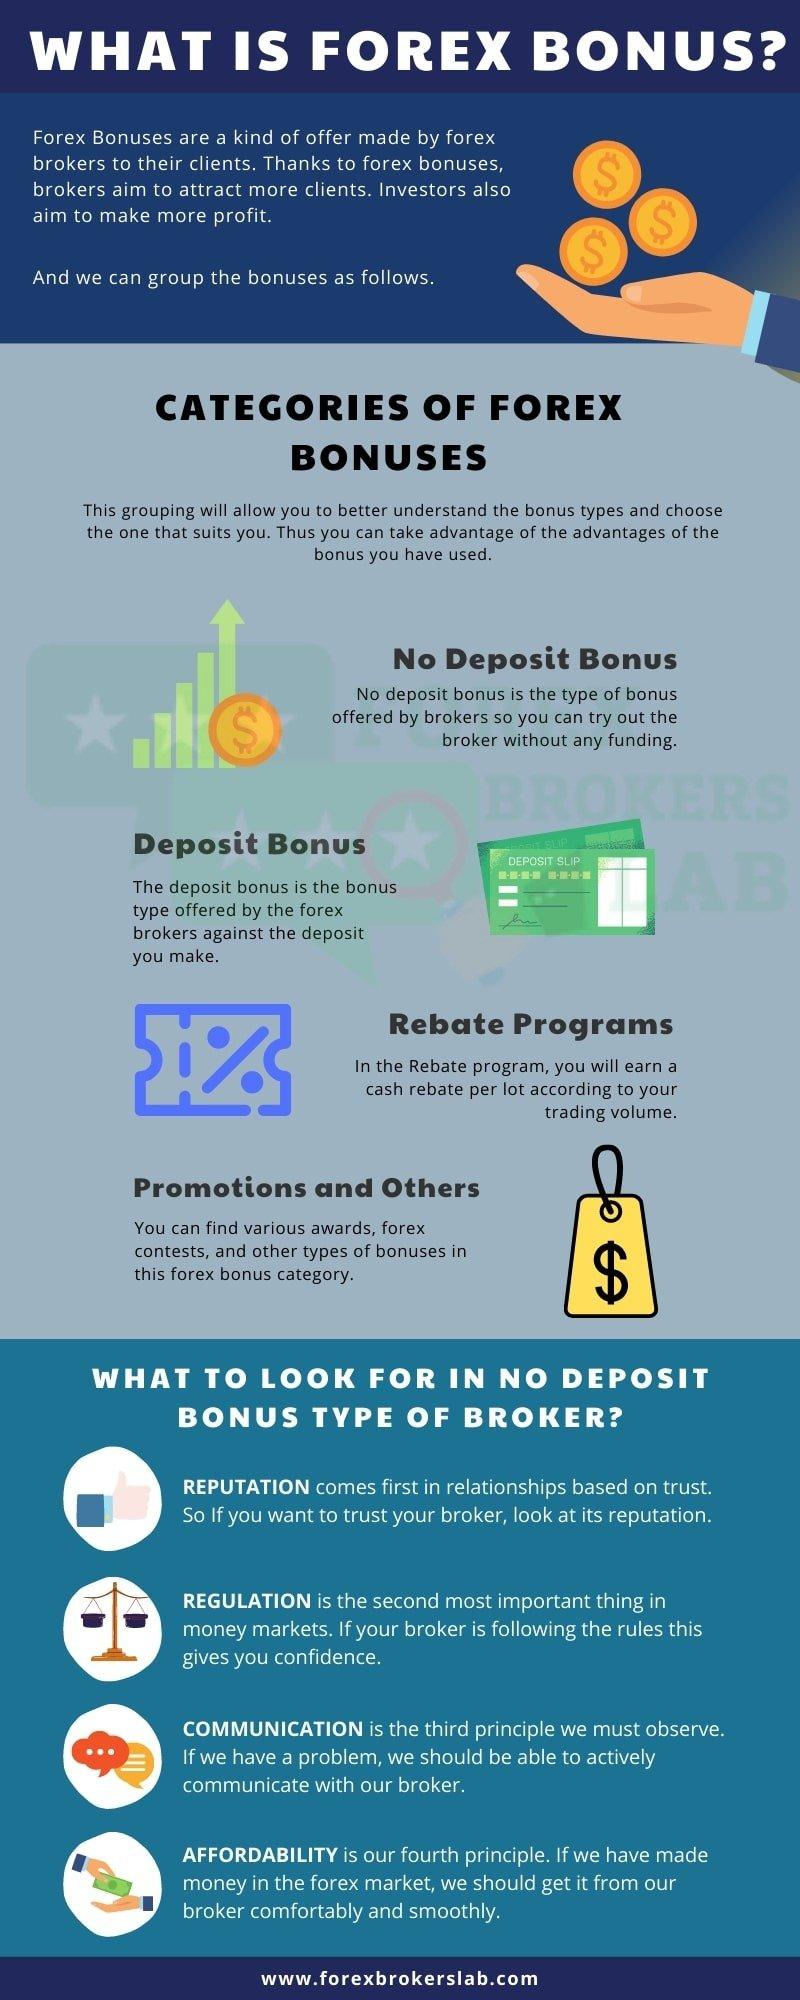 Forex Bonuses